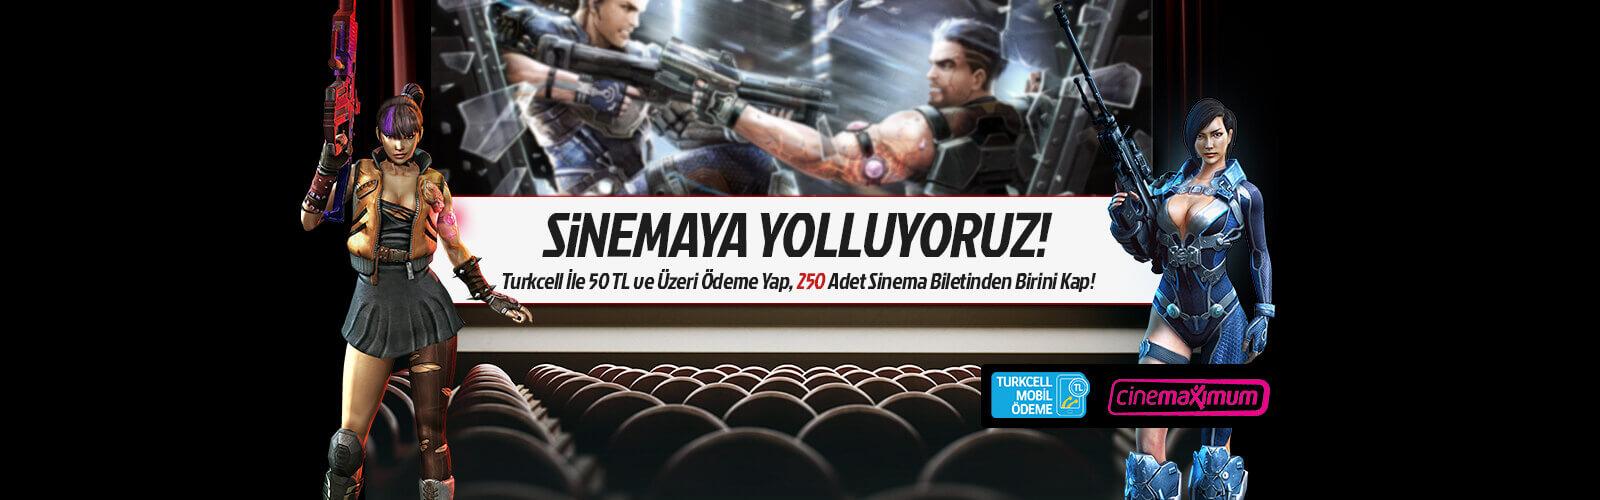 Mobil Ödeme Sinema Bileti Kazandırıyor!